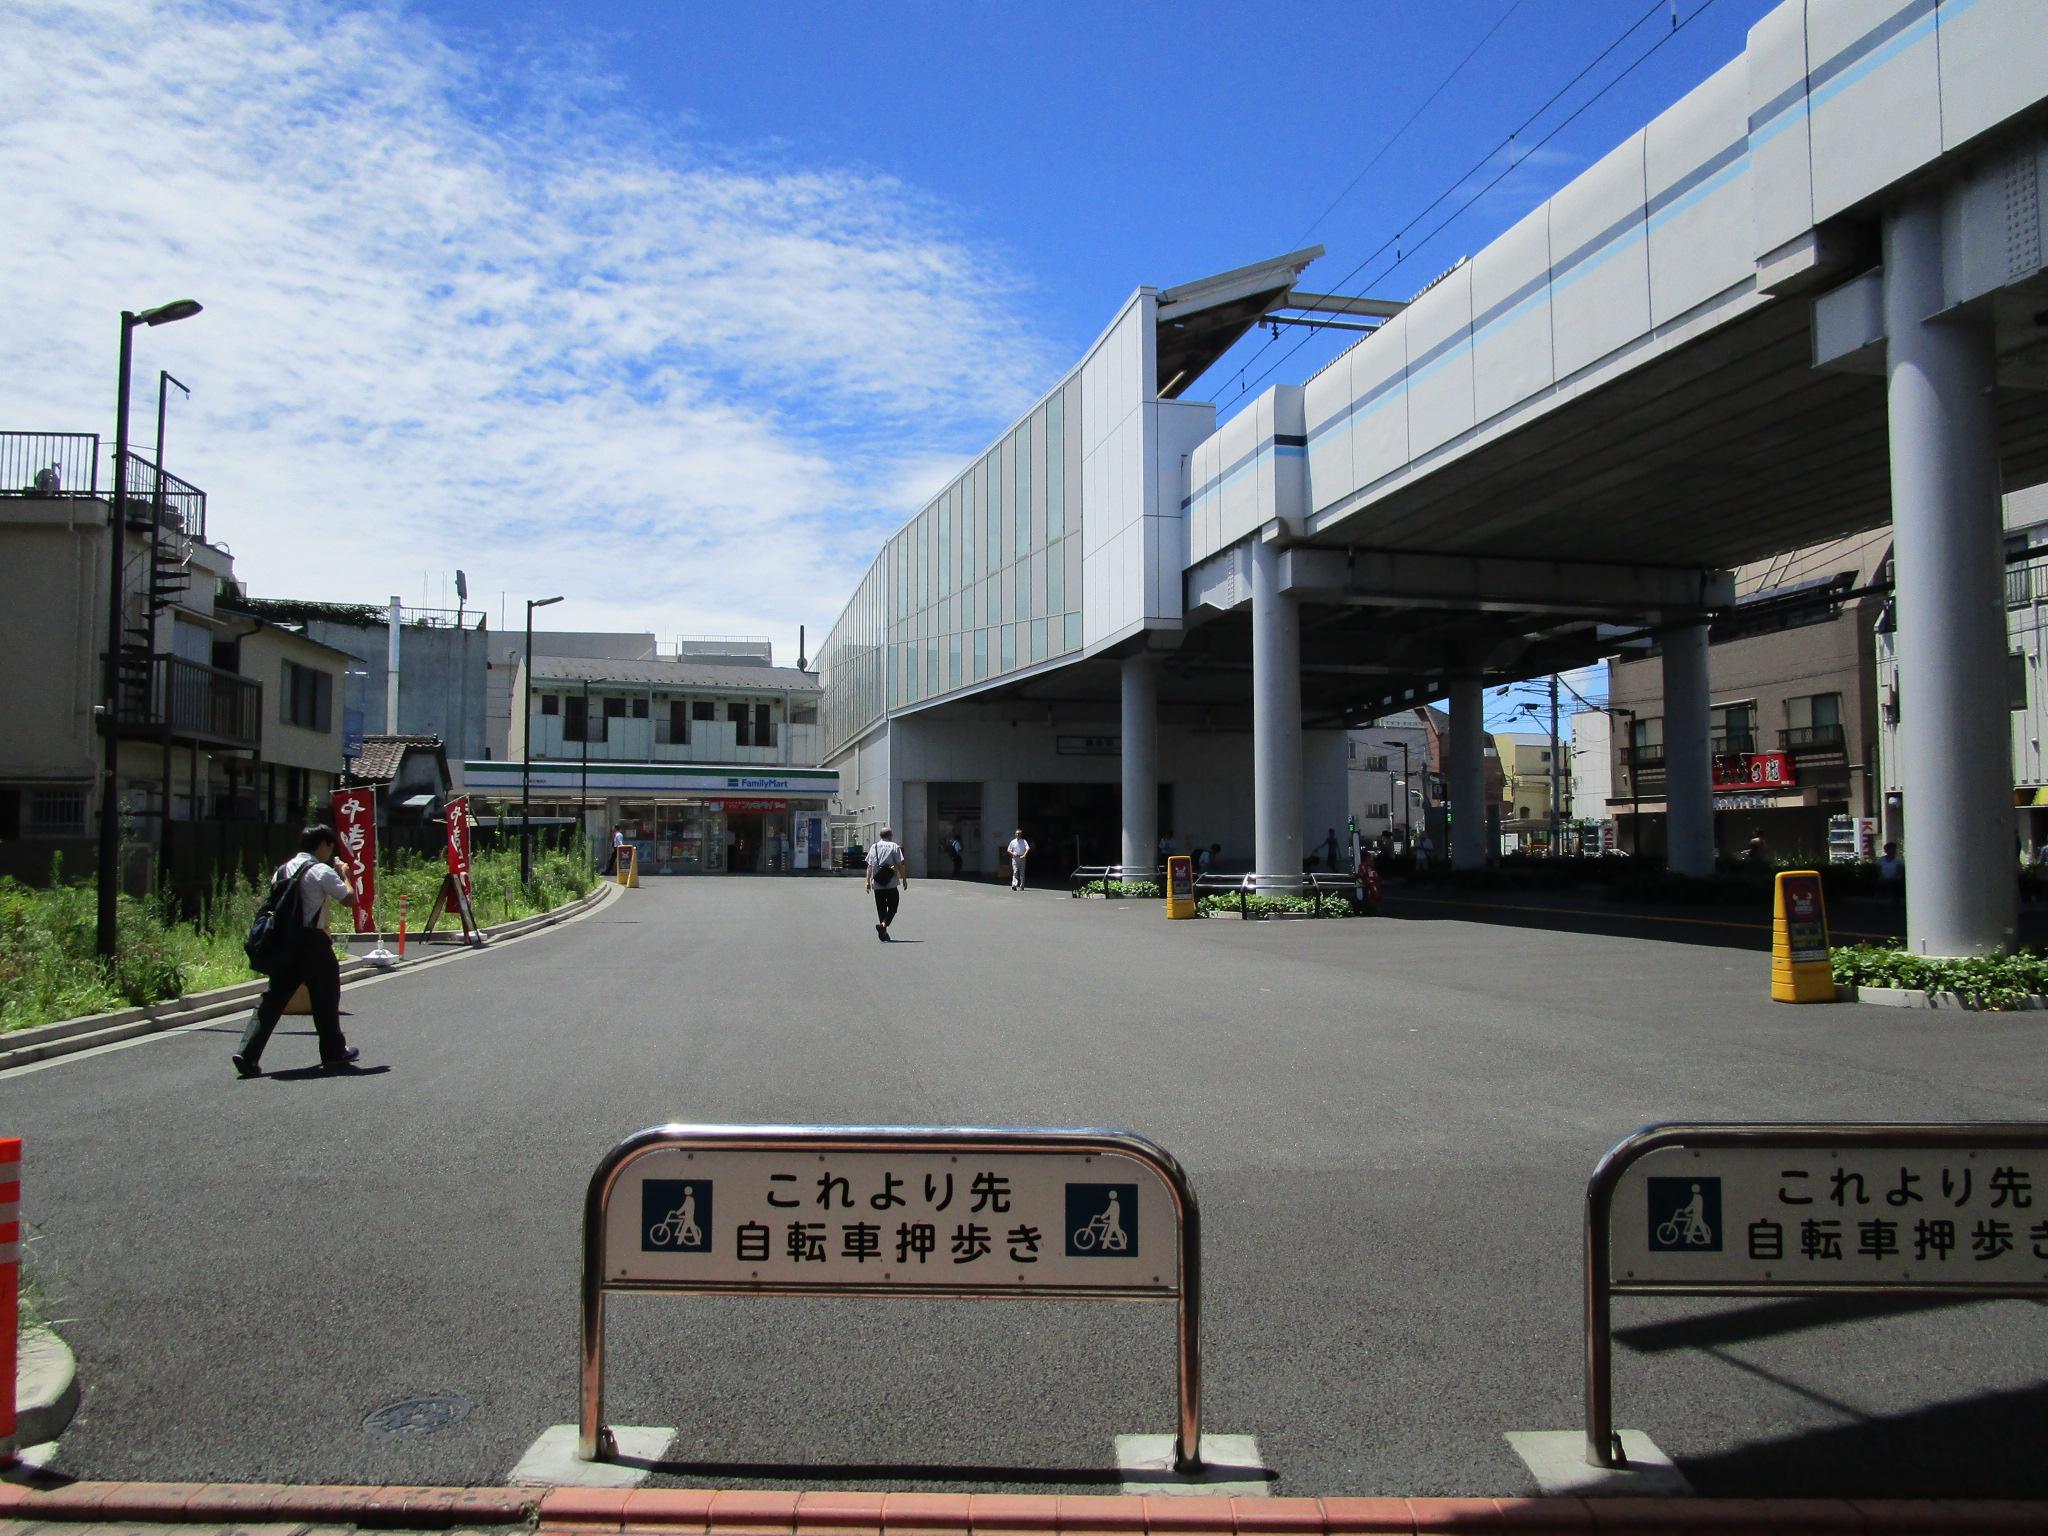 京急 雑色駅駅前